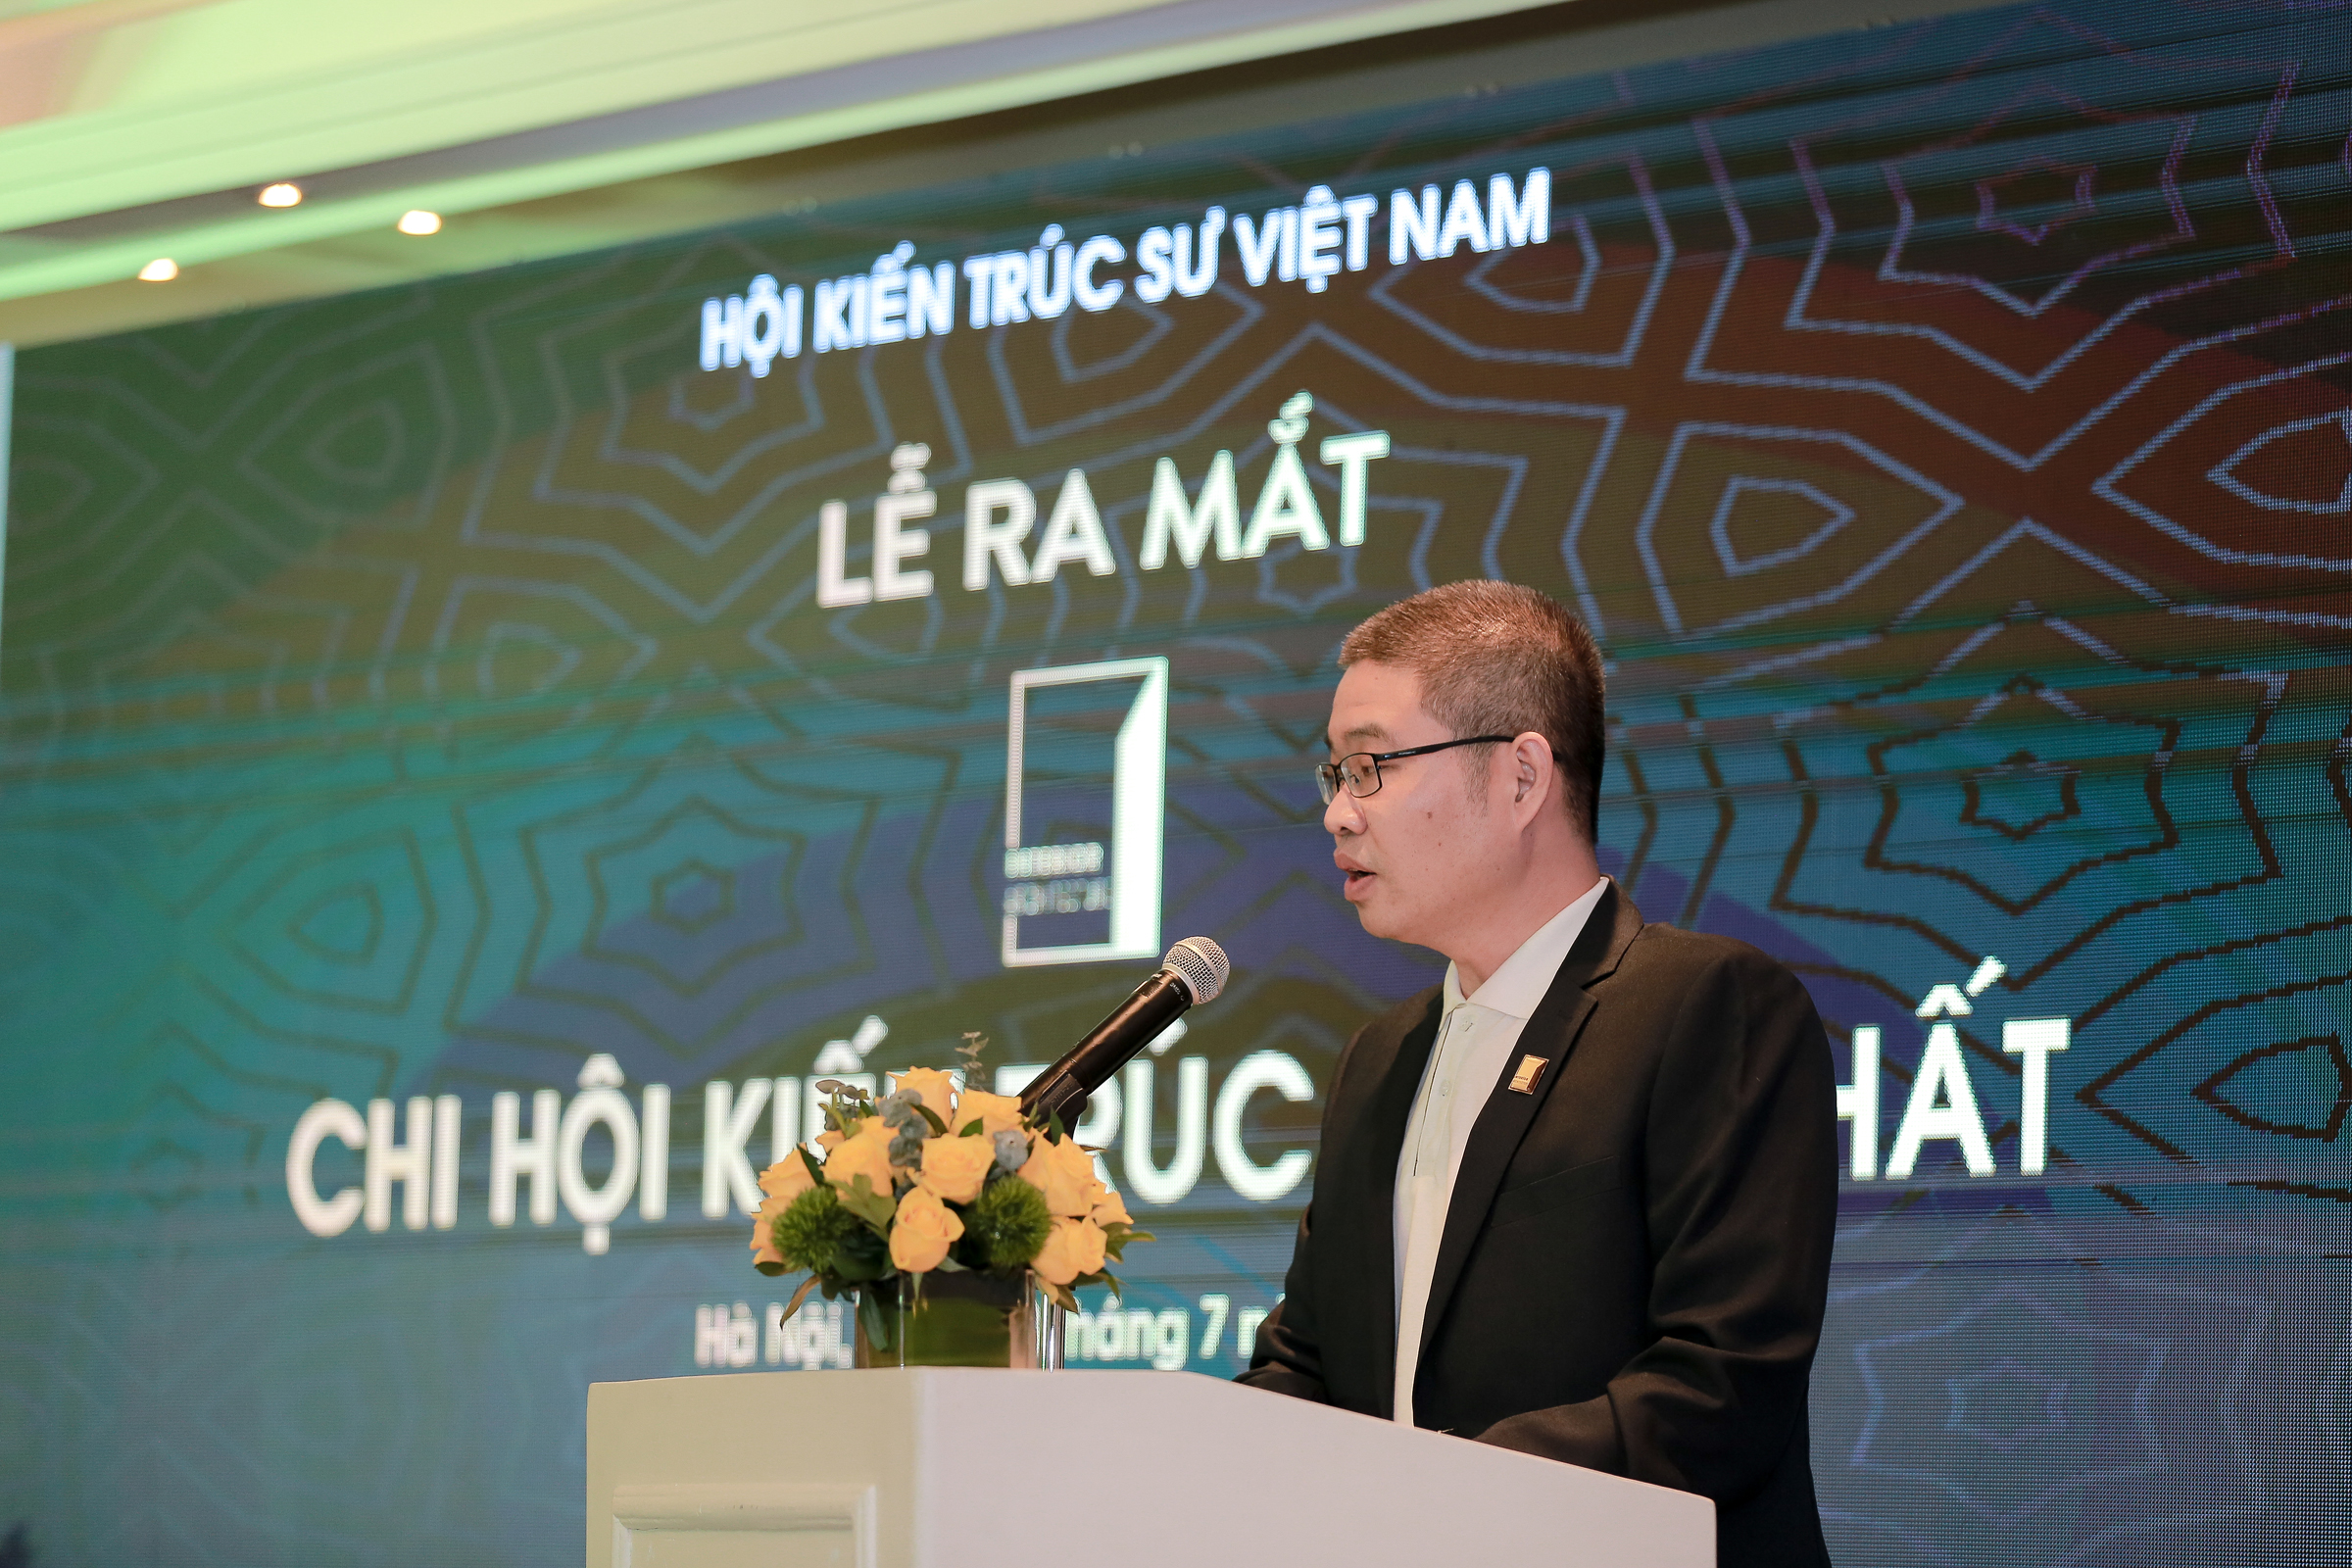 Lễ ra mắt Chi hội Kiến trúc – Nội thất Hội Kiến Trúc sư Việt Nam